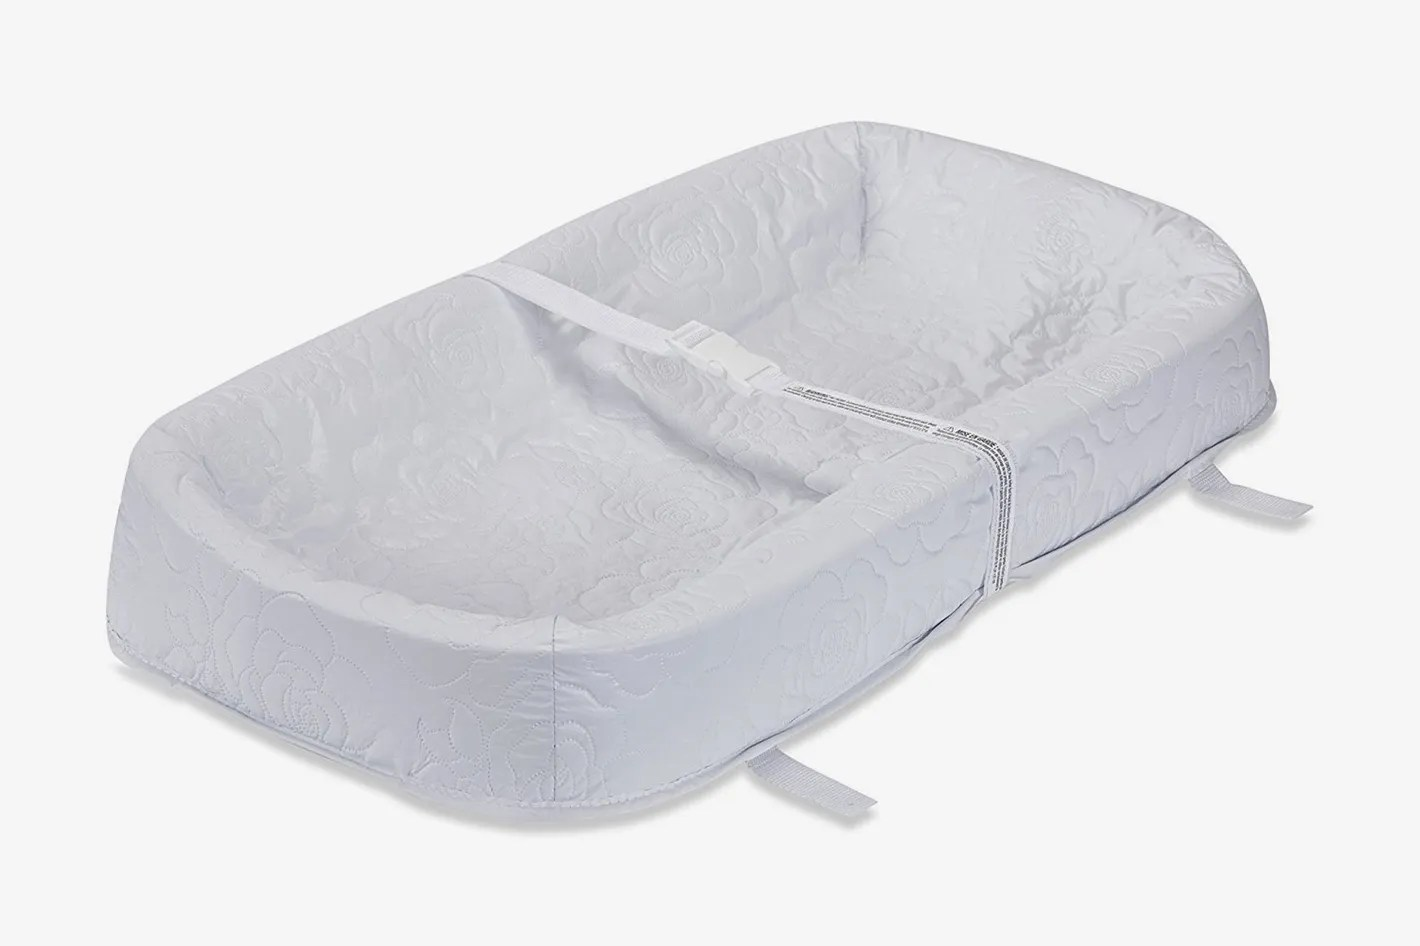 Fullsize Of Diaper Changing Pad